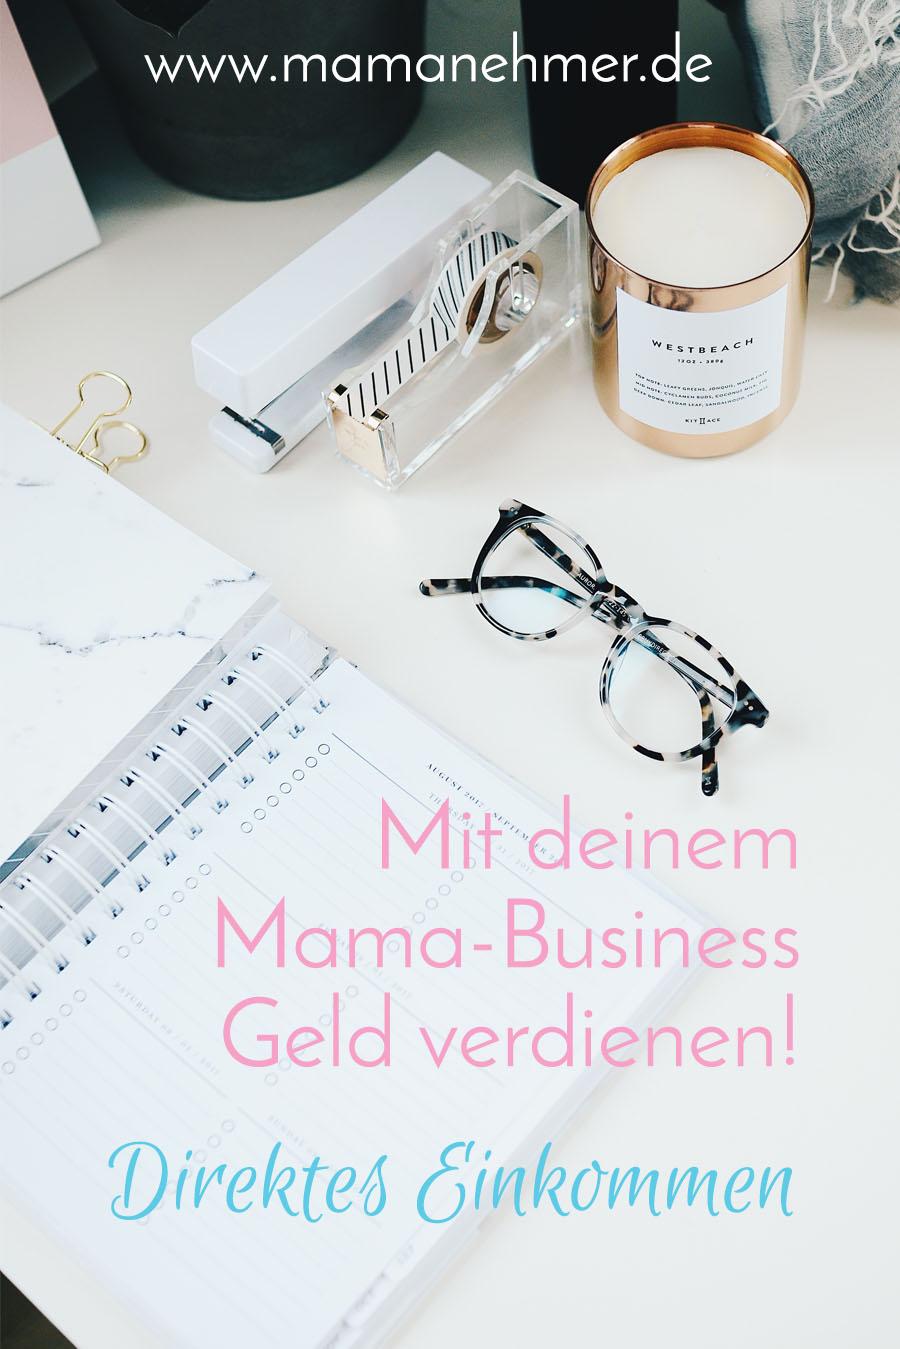 Mit dem Mama-Business Geld verdienen - Direktes Einkommen